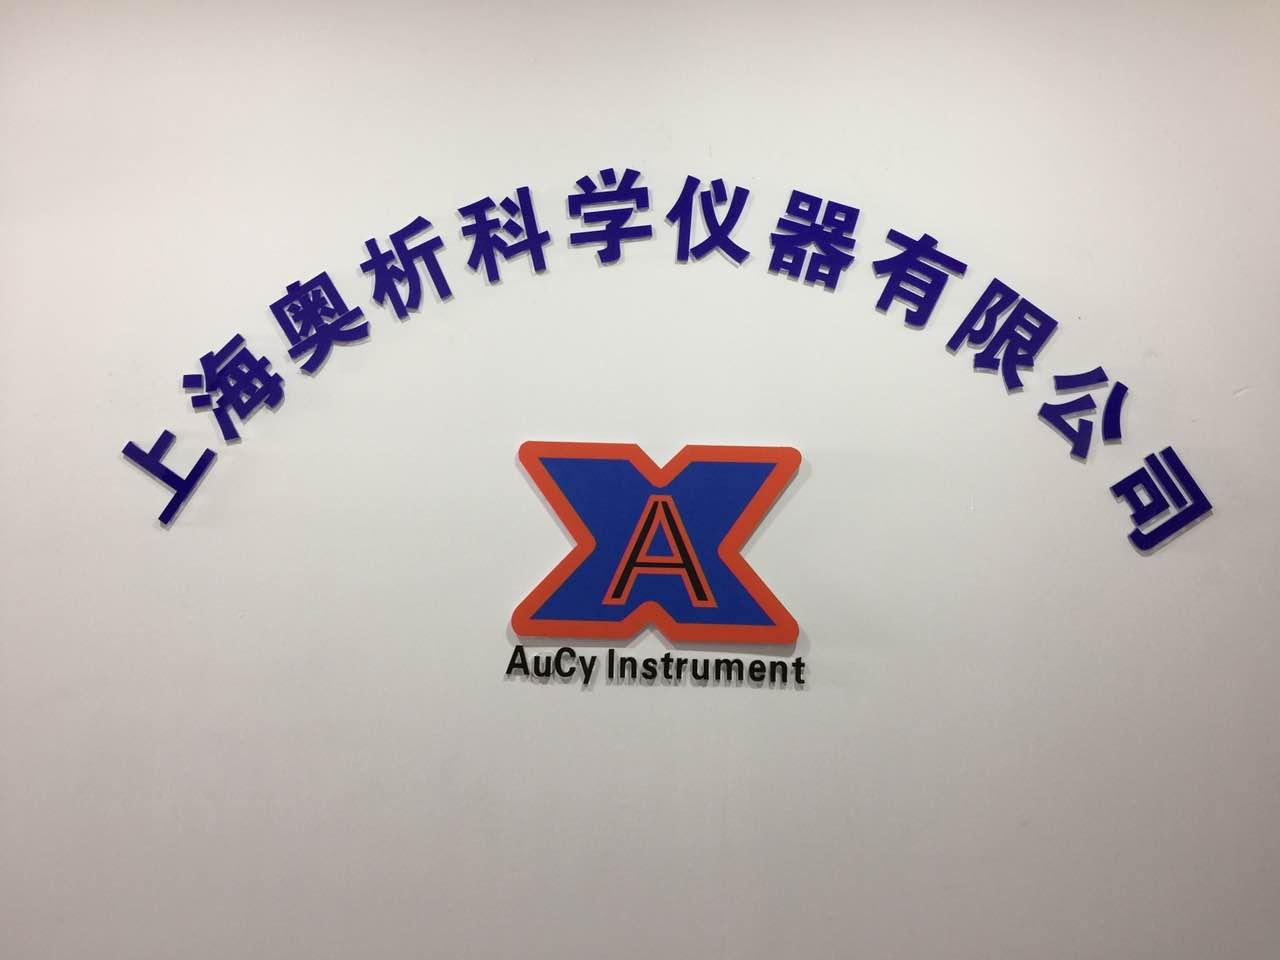 Aucy Logo